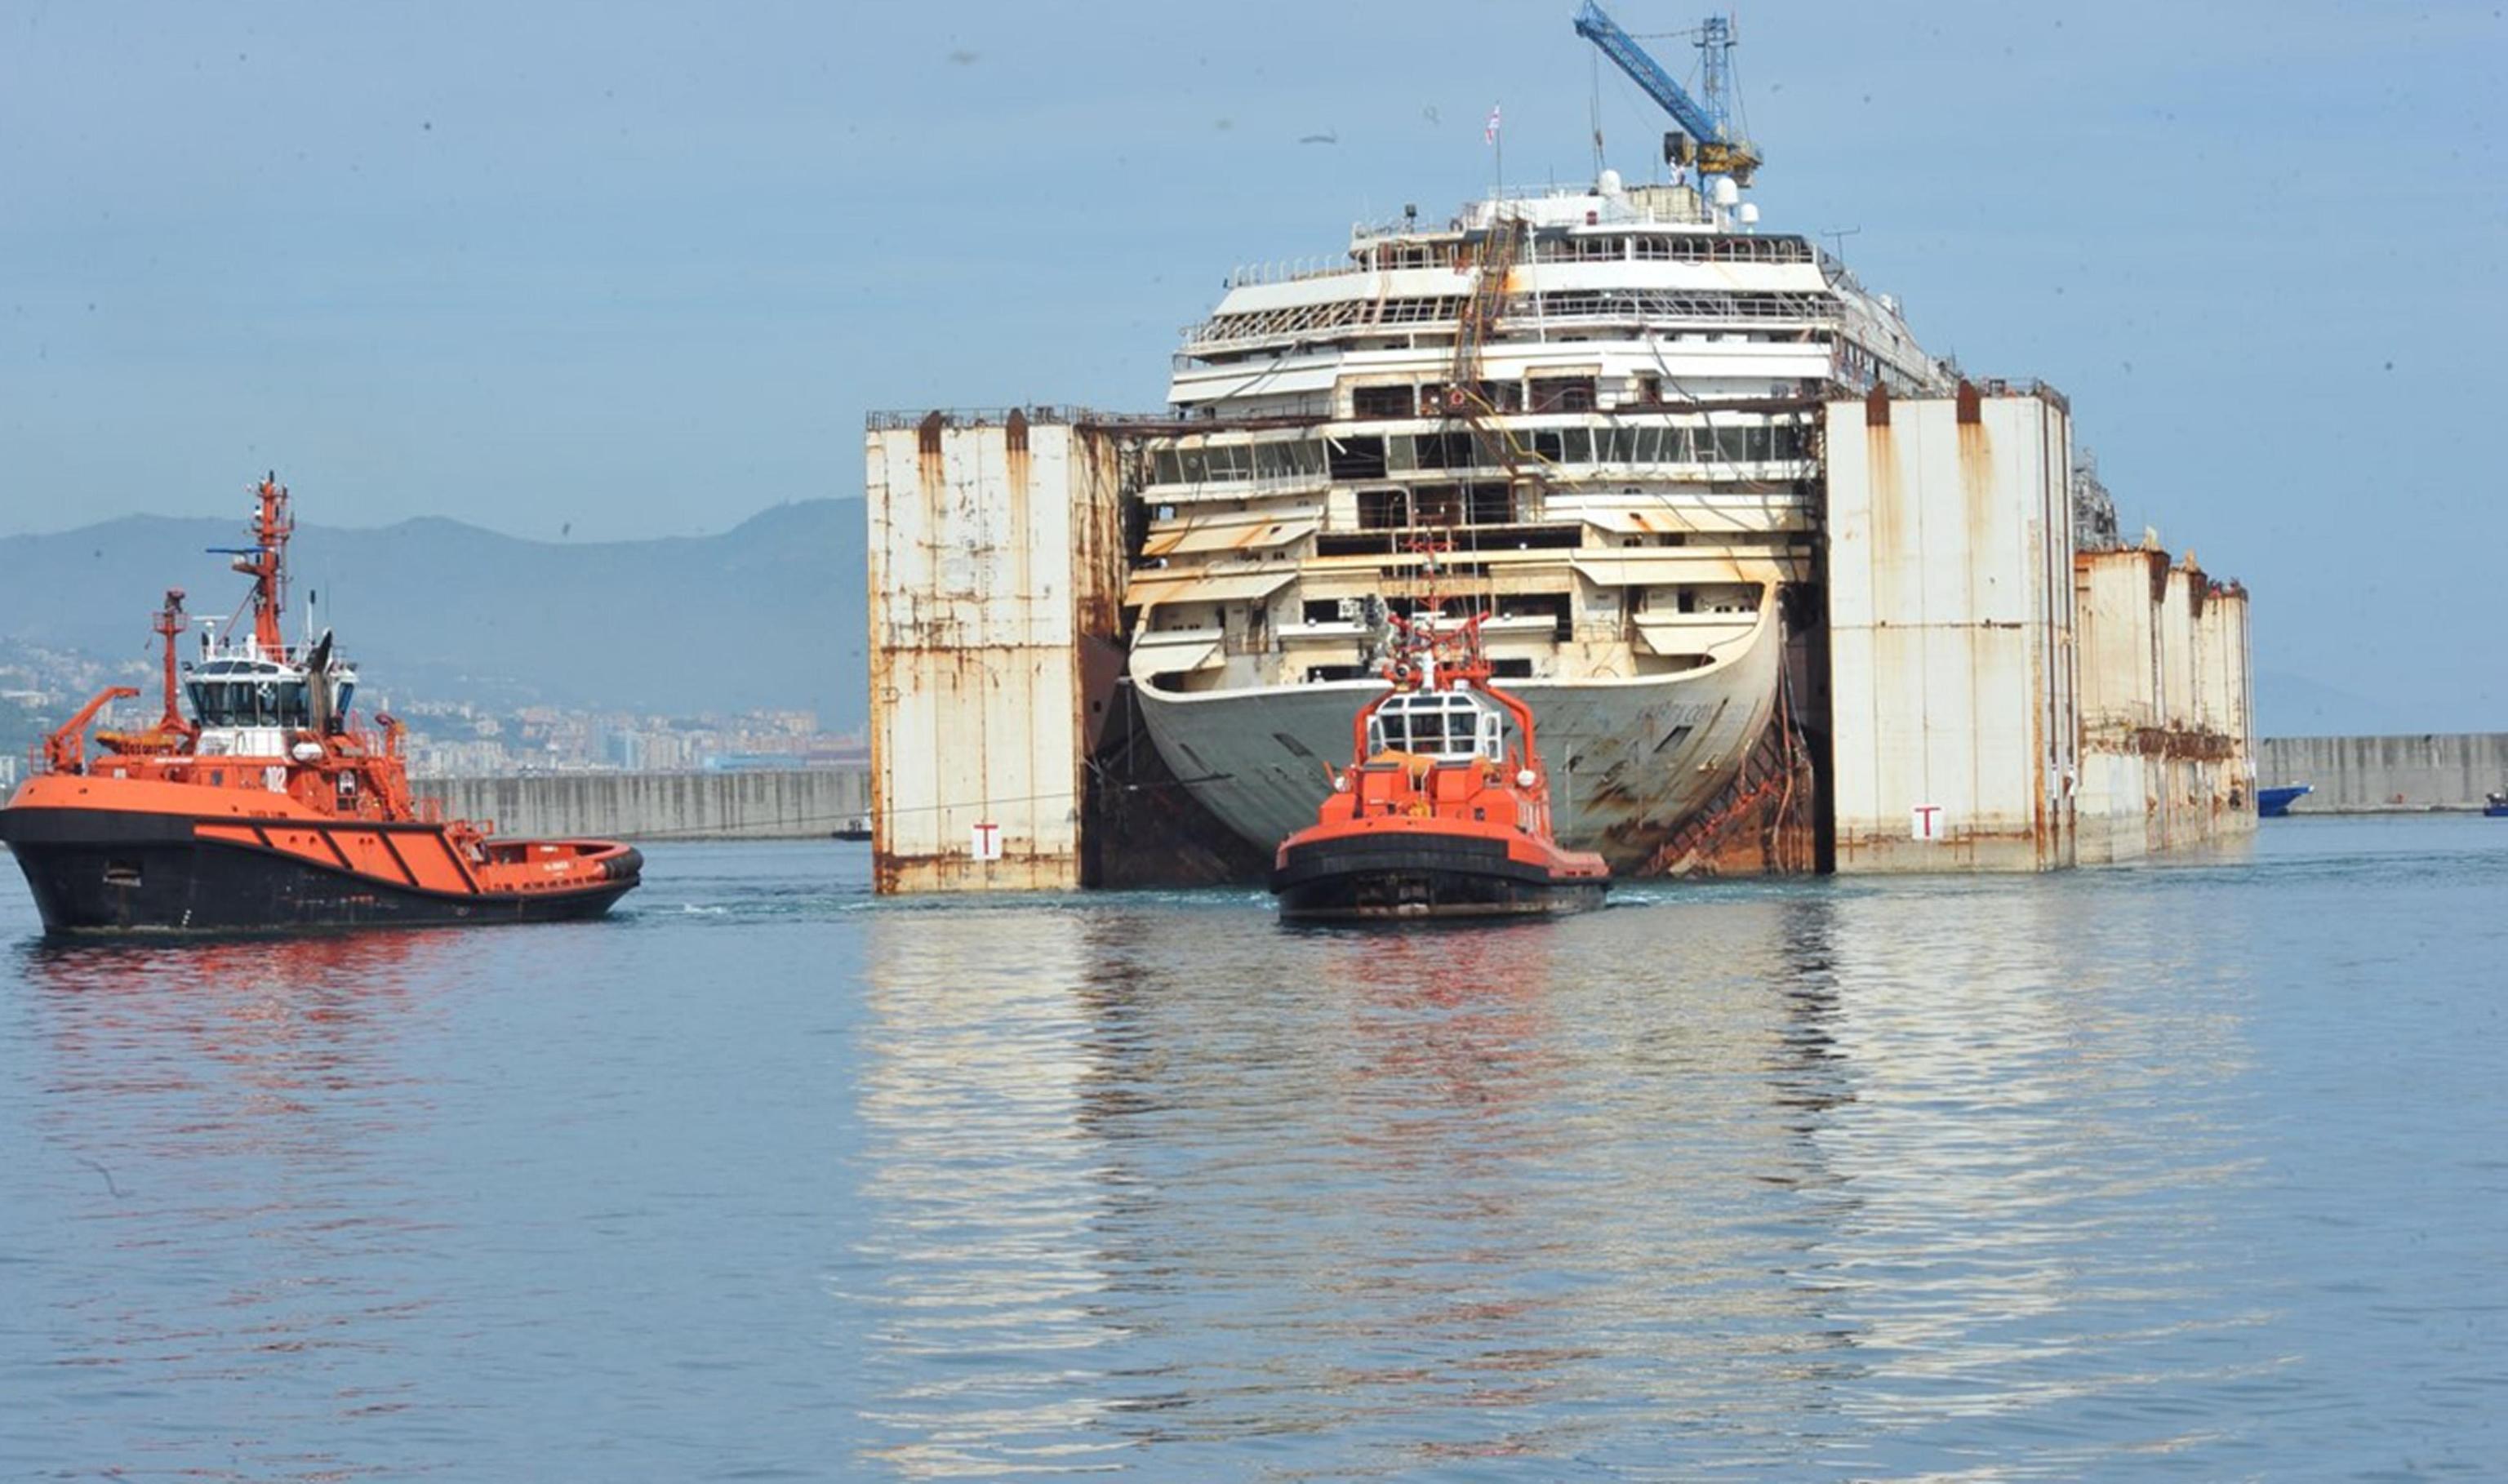 Naufragiu Costa Concordia   Căpitanul Francesco Schettino a fost condamnat definitiv la 16 ani de închisoare